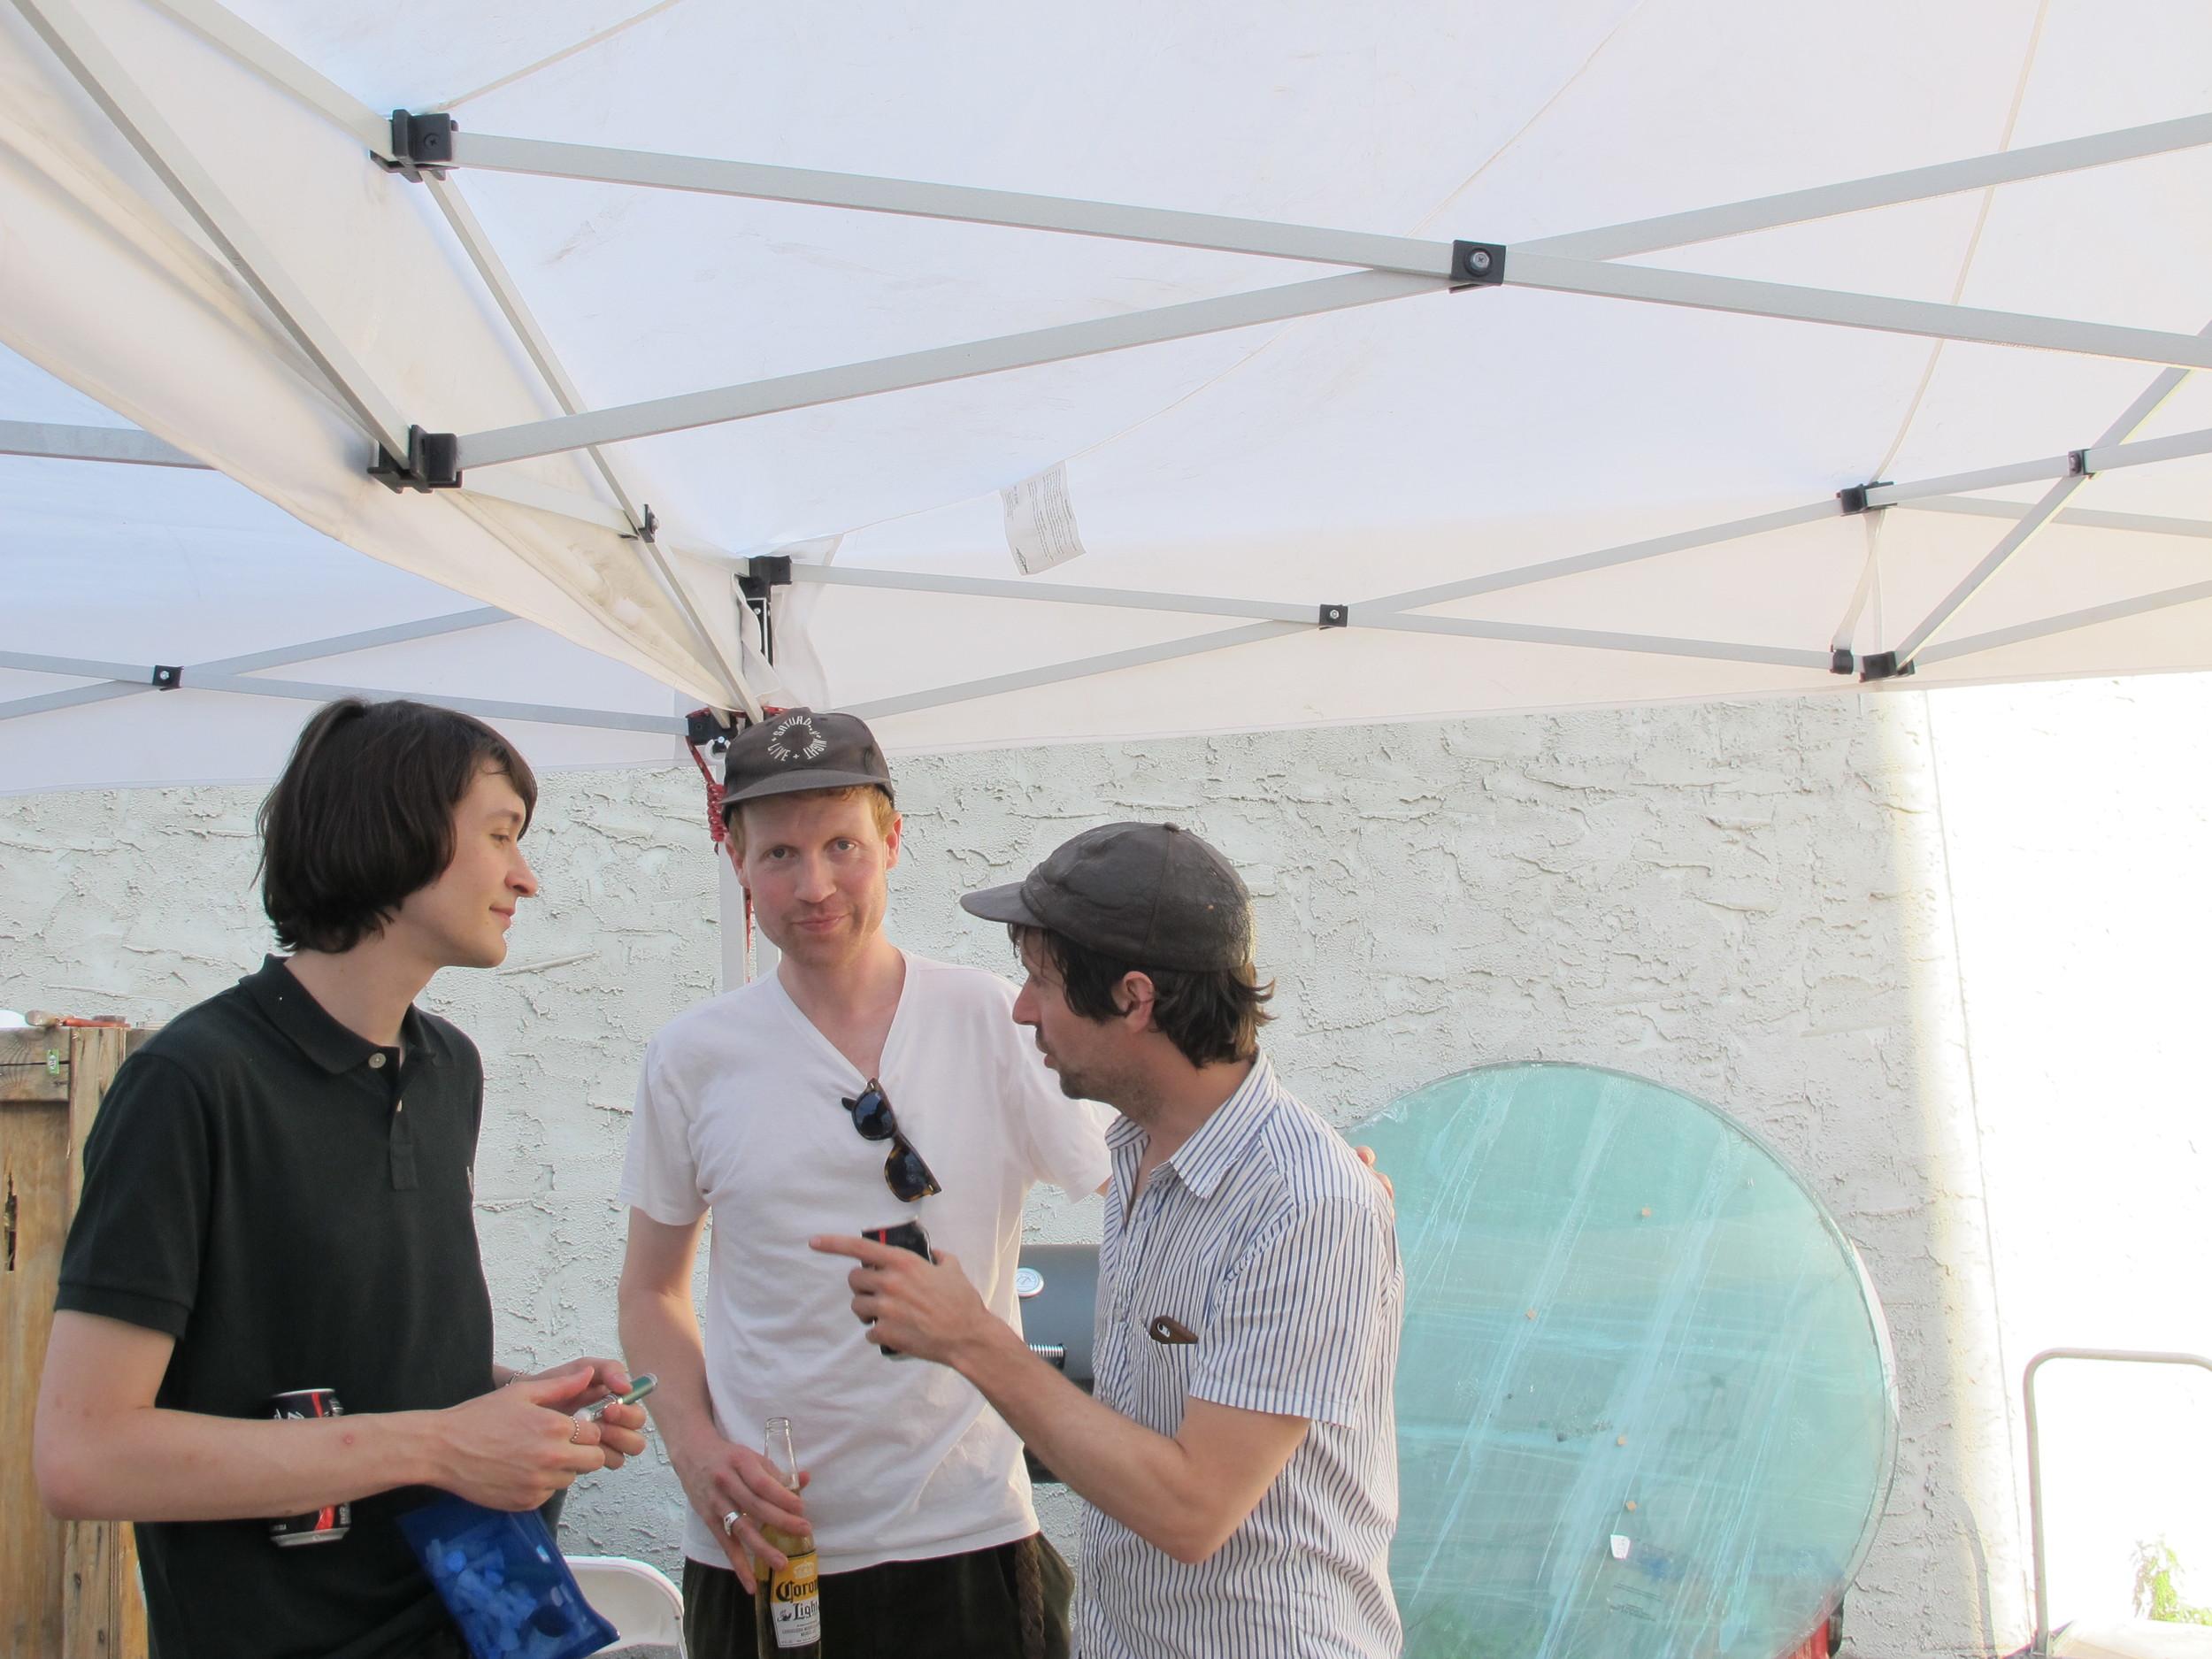 Owen, Matt and Keegan